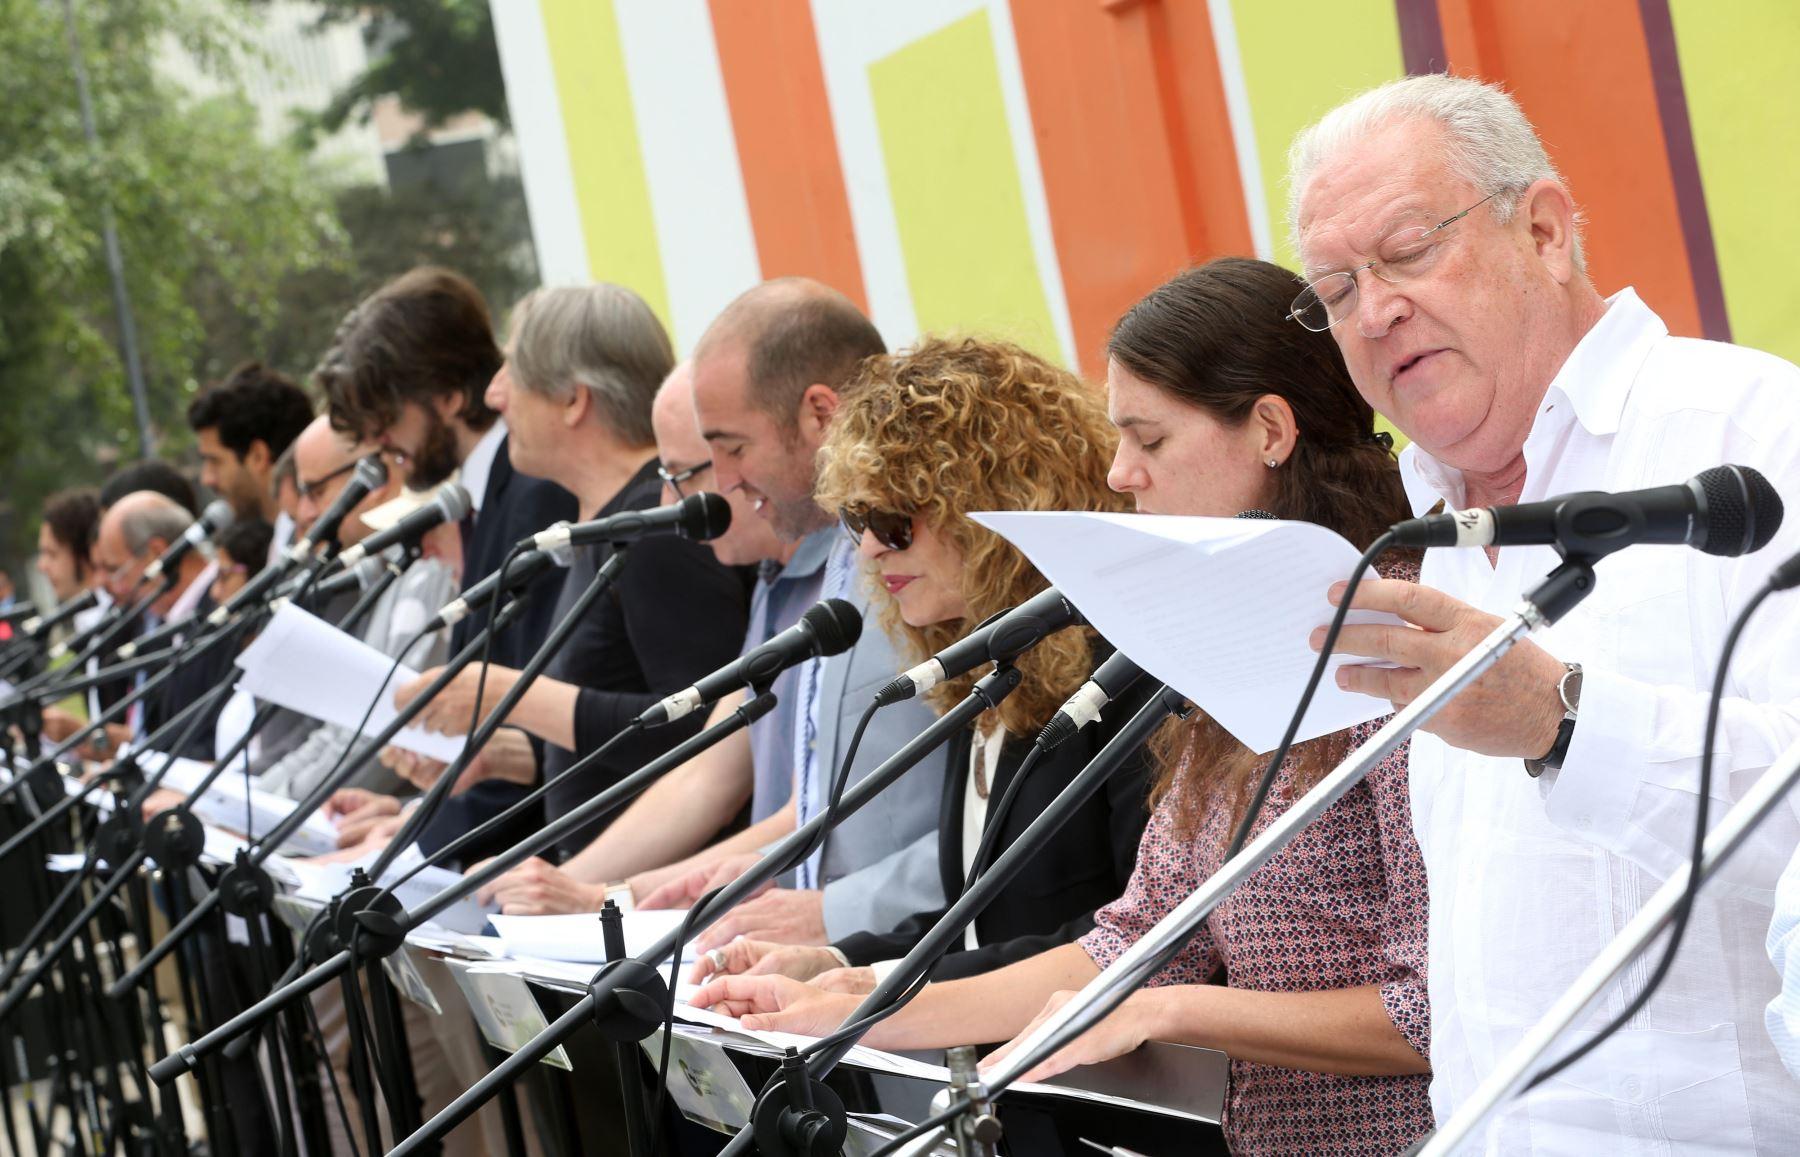 Artistas homenajean a Cervantes, Shakespeare y Garcilaso con lectura en Lima. Foto: INTERNET/Medios